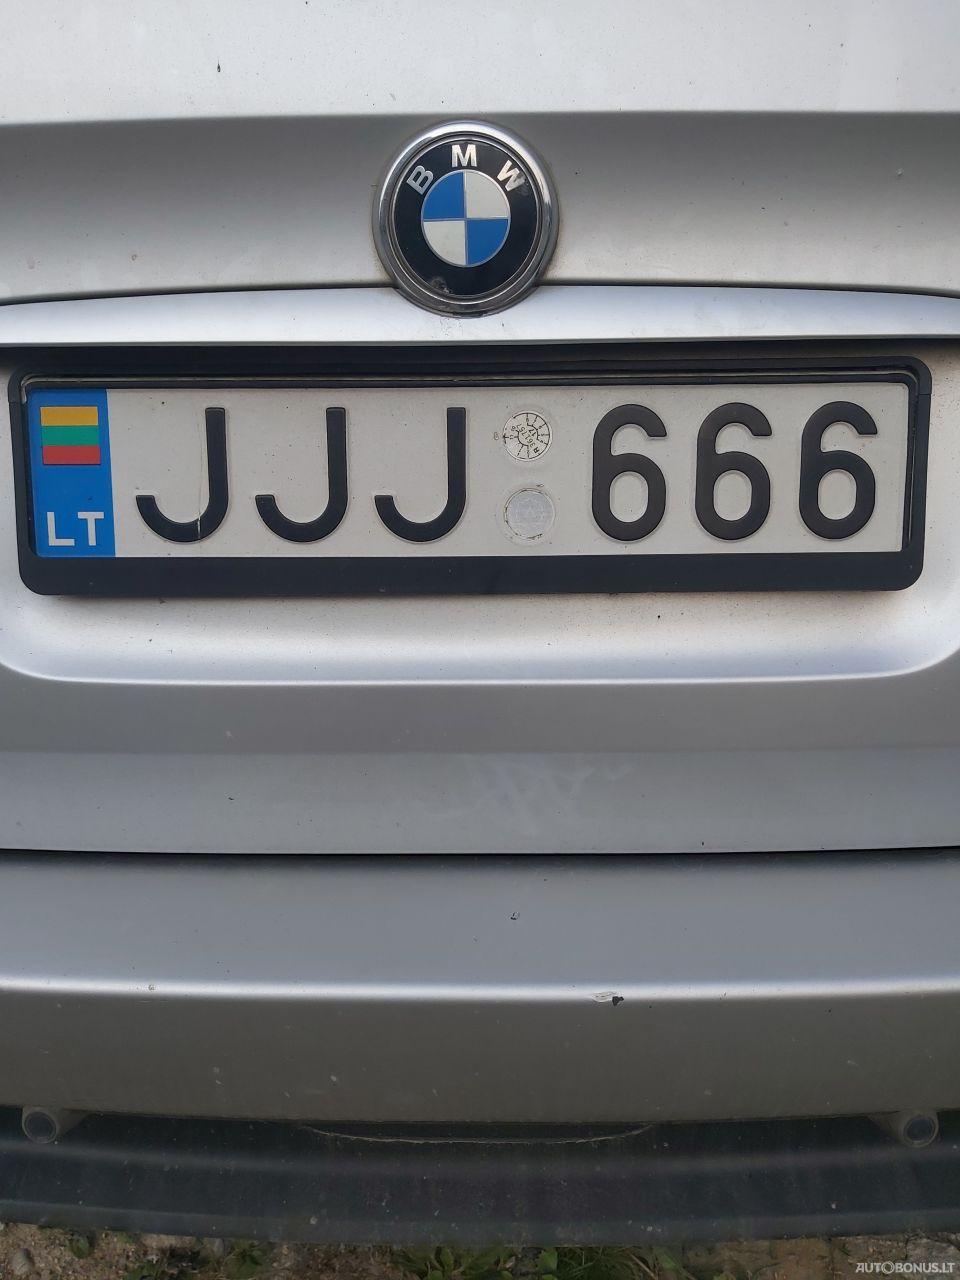 JJJ666